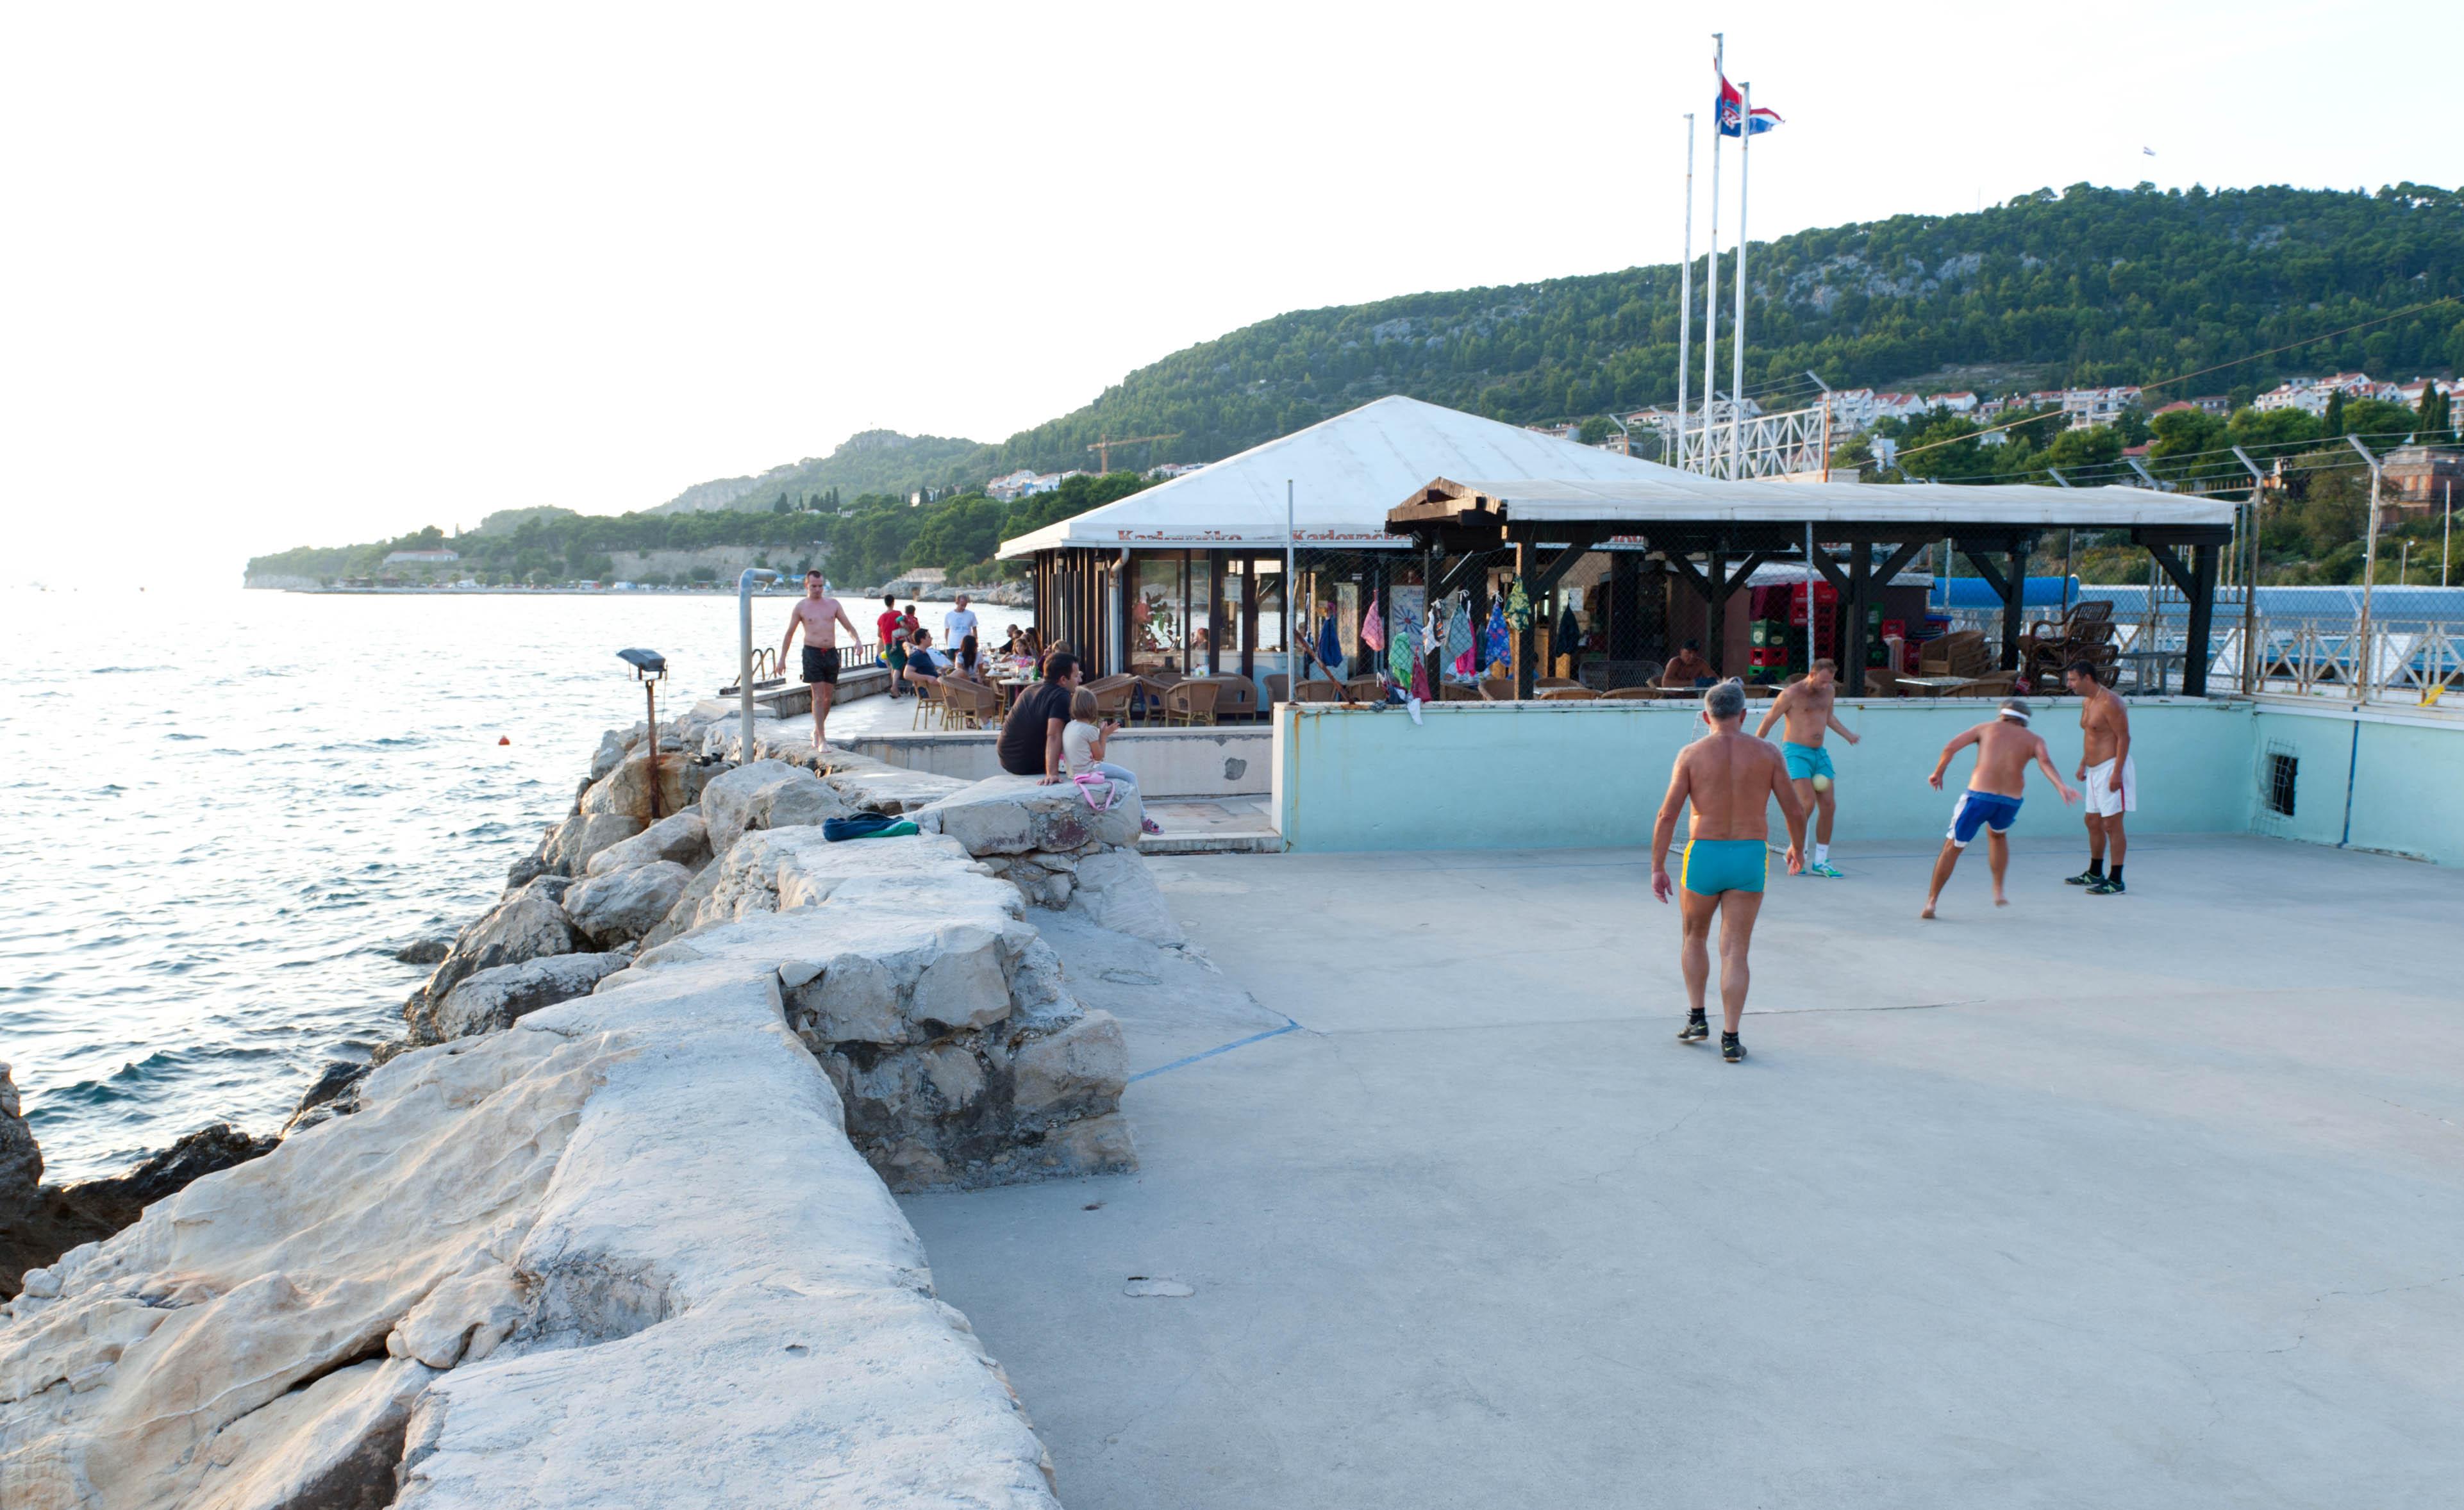 0313-Split - Jadran Balunjeri club house (Dalmatie centrale)